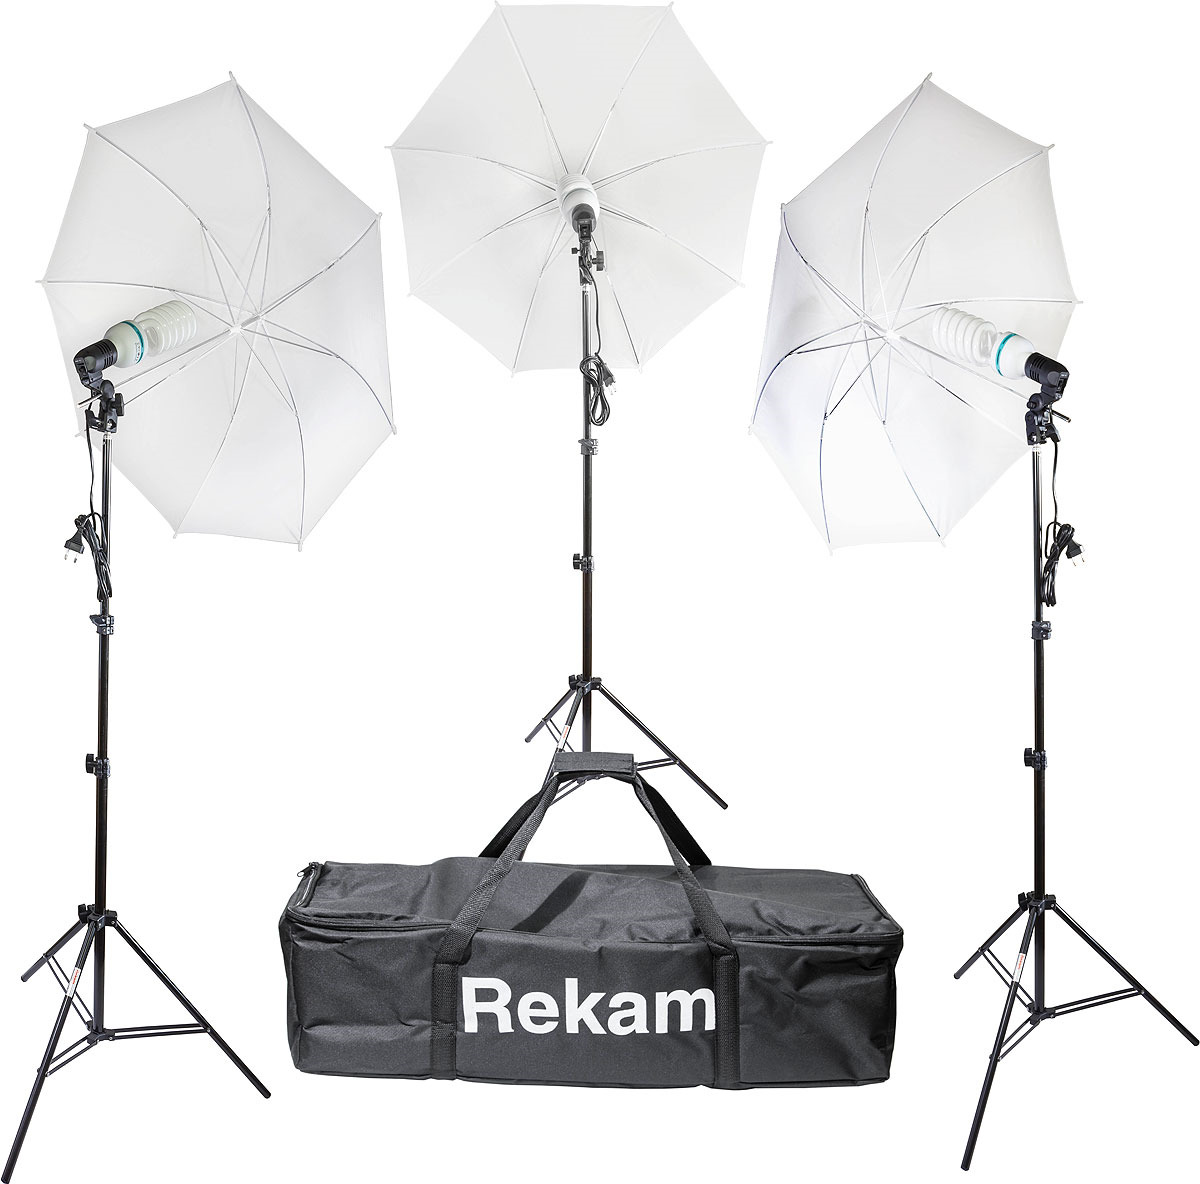 Комплект флуоресцентных осветителей Rekam CL-465-FL3-UM Kit & CL-465-FL3-UM Kit, белый, черный комплект флуоресцентных осветителей rekam cl 435 fl3 sb boom kit